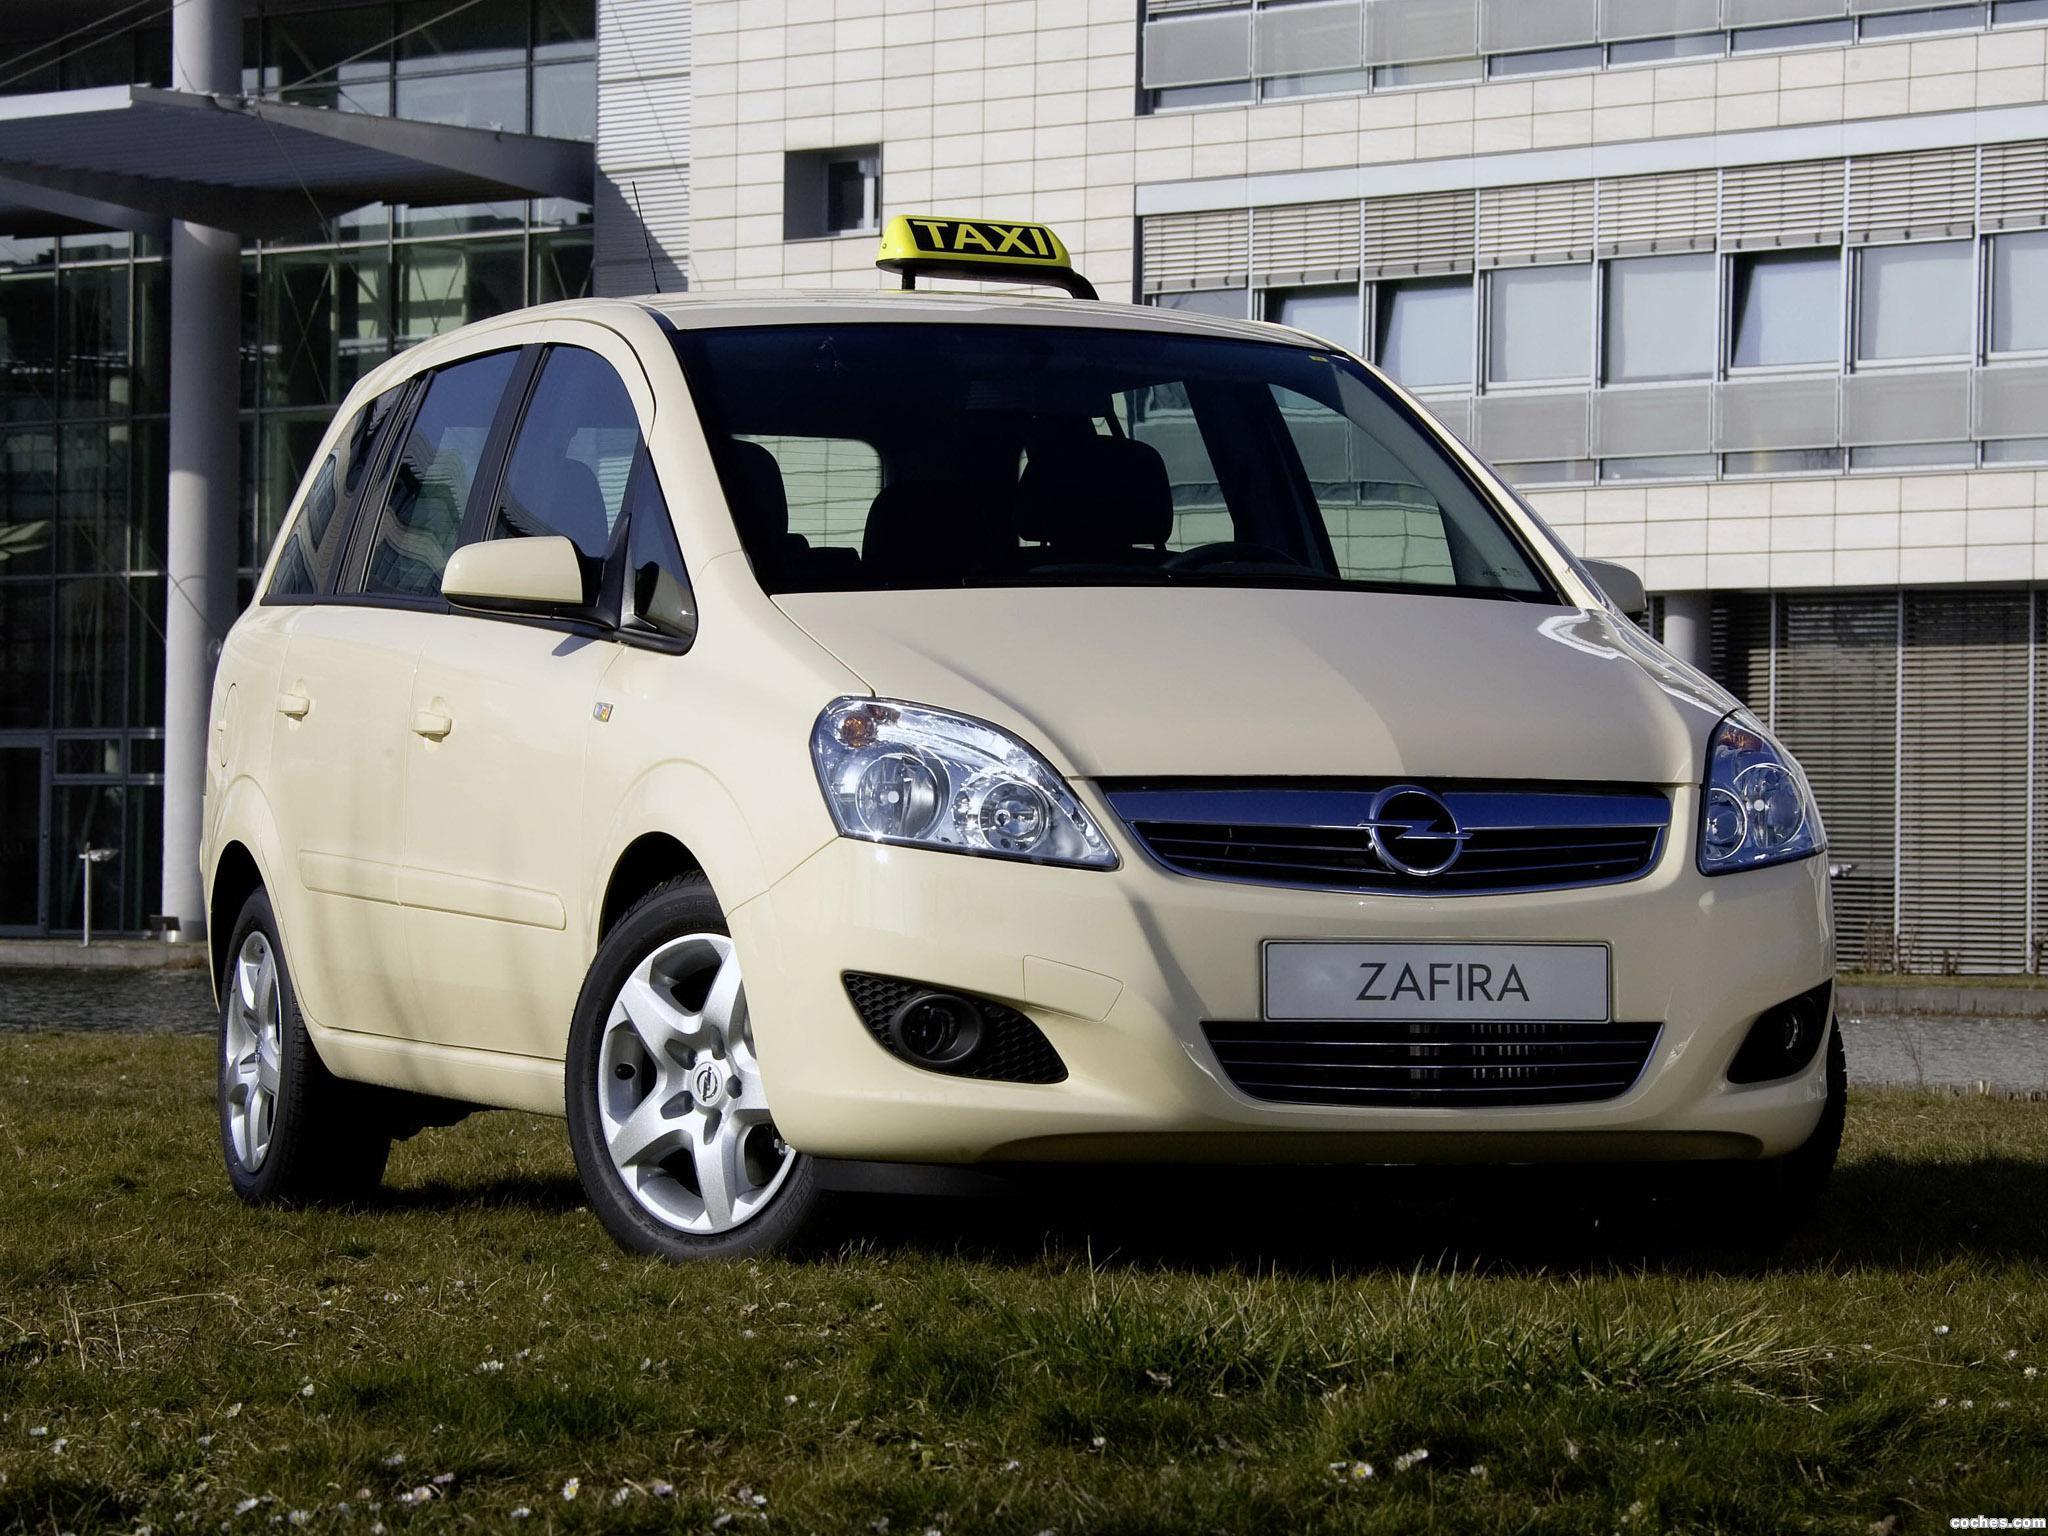 Foto 0 de Opel Zafira TNG Taxi 2009